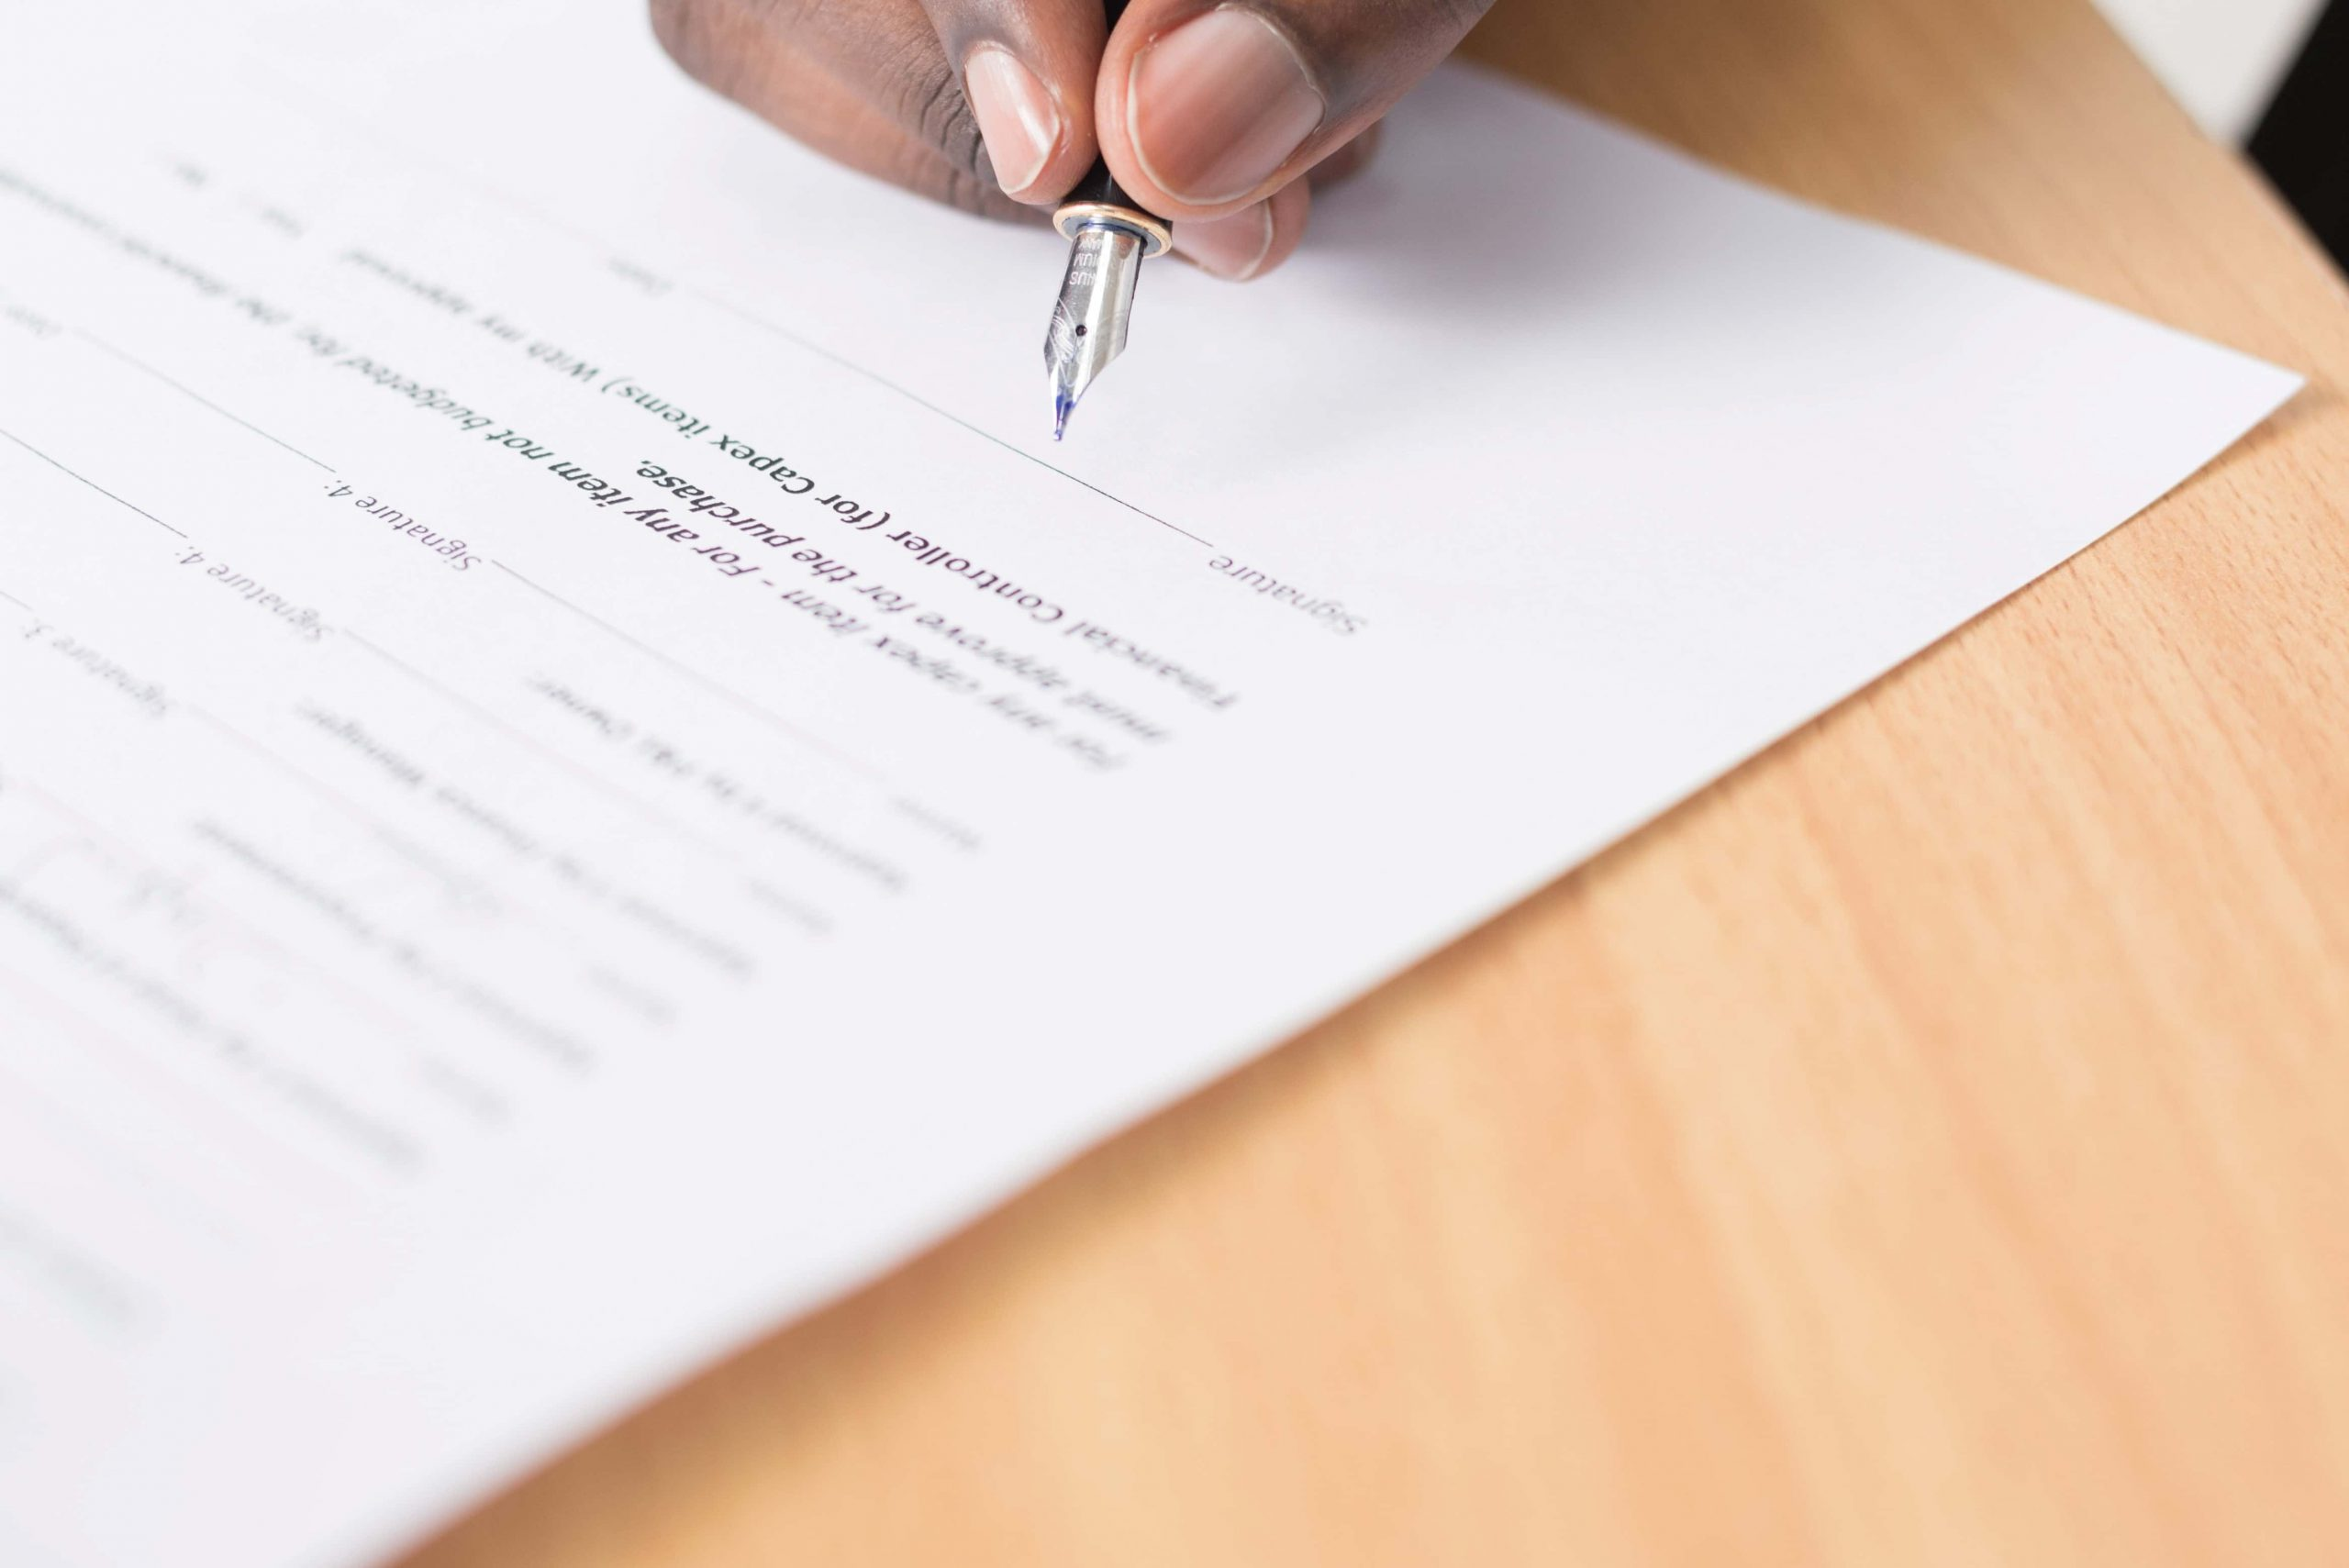 特定活動に必要な申請、書類の手続きとは?